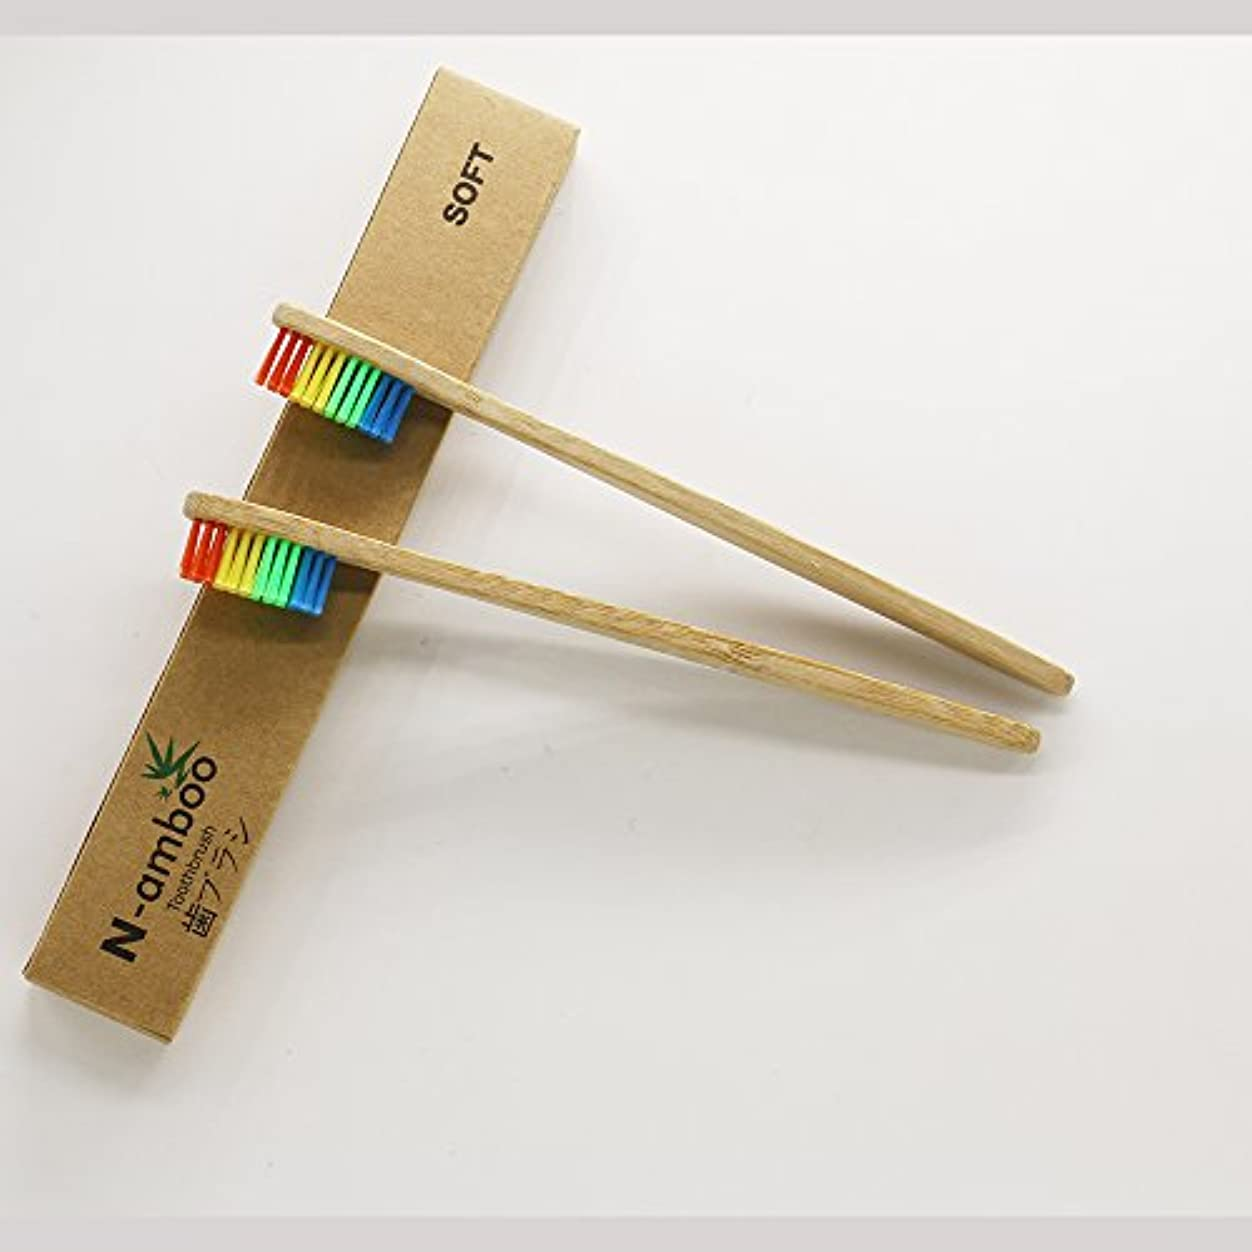 シャープスーパー下に向けますN-amboo 竹製 耐久度高い 歯ブラシ 四色 虹(にじ) 2本入り セット